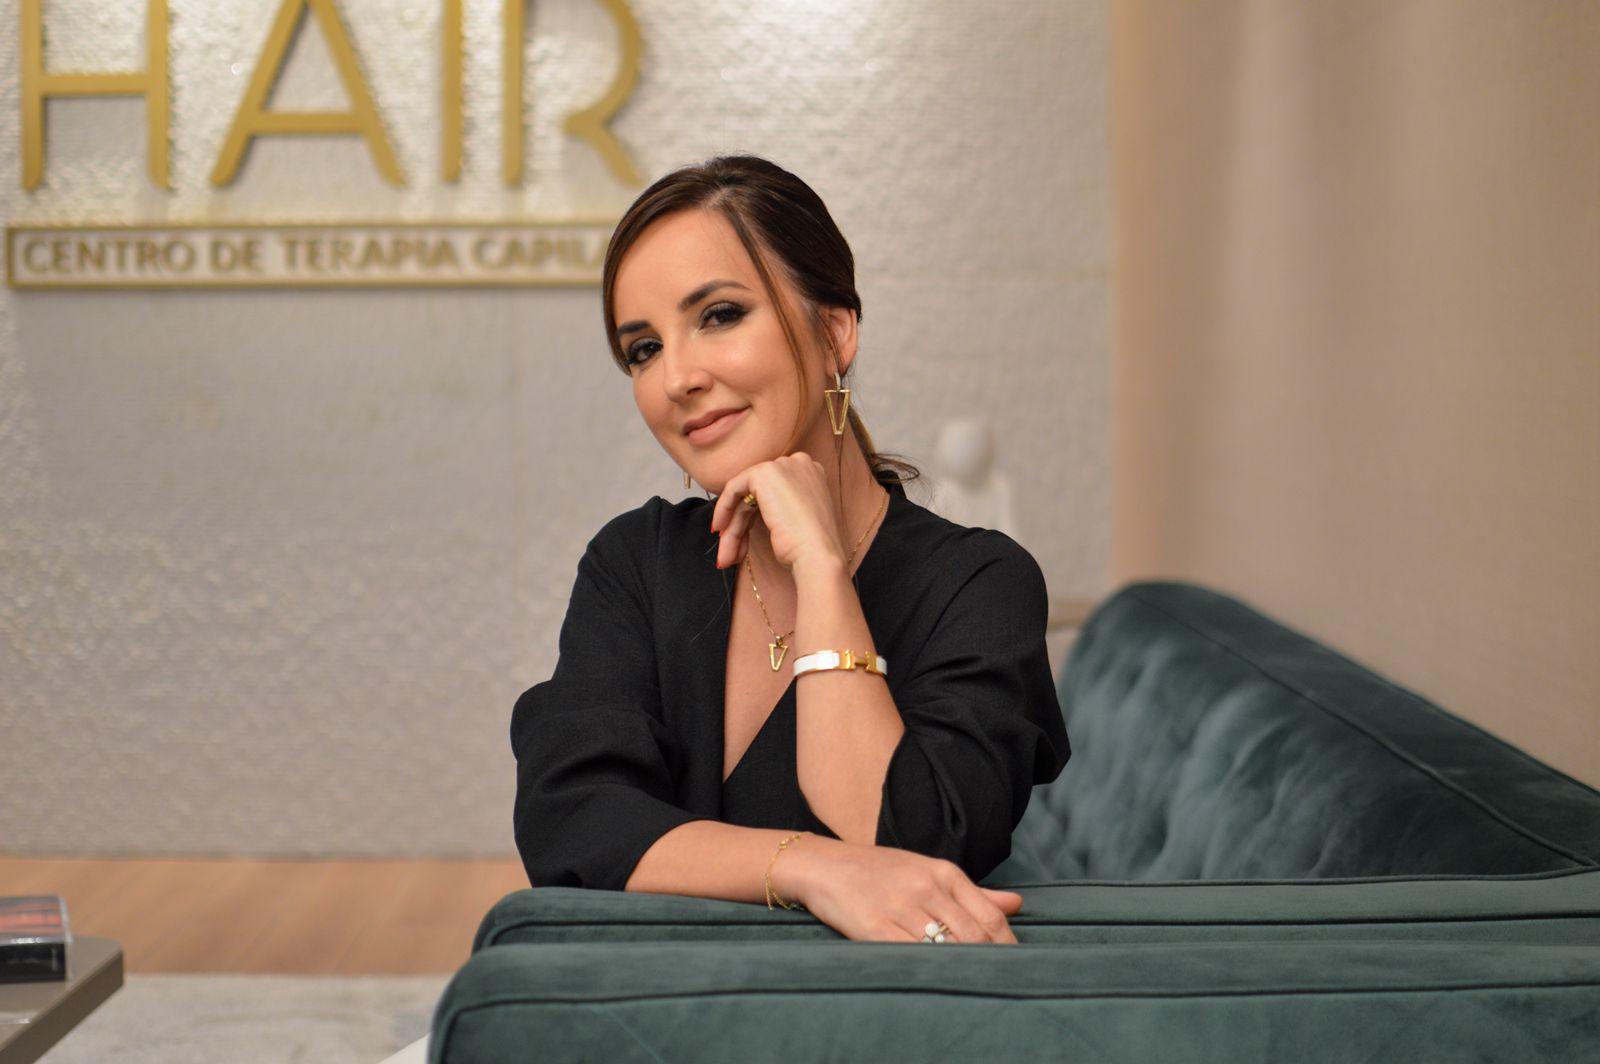 Clínica Dra. Kaline Ferraz comemora bons resultados, inicia expansão e contrata novos profissionais